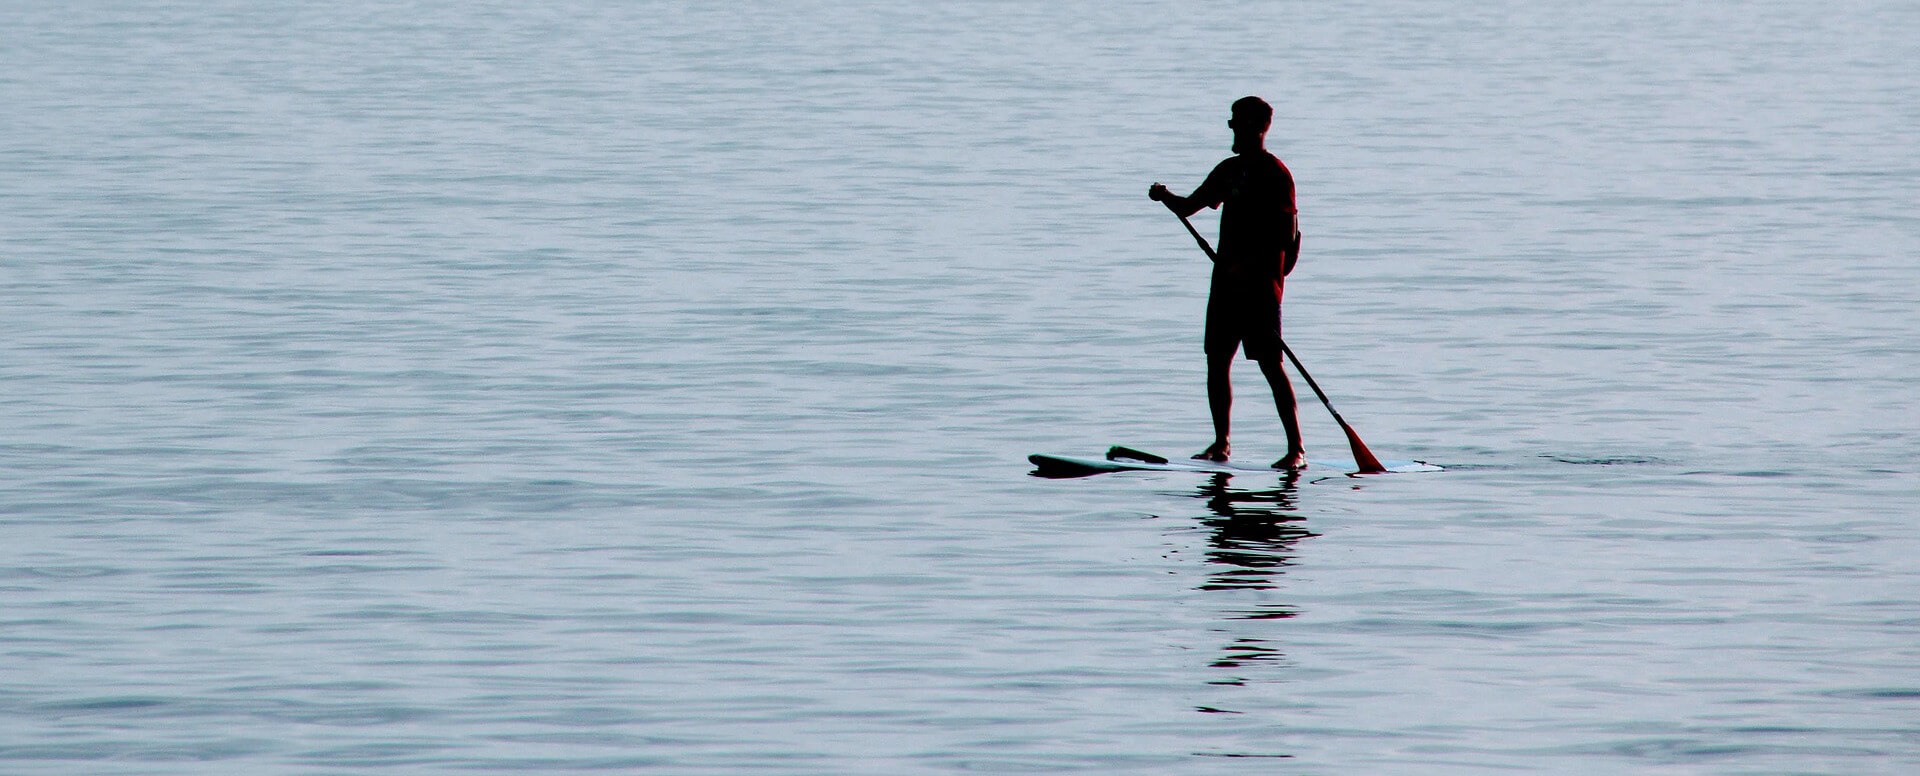 Découvrez les sports nautiques en Corse - Corse